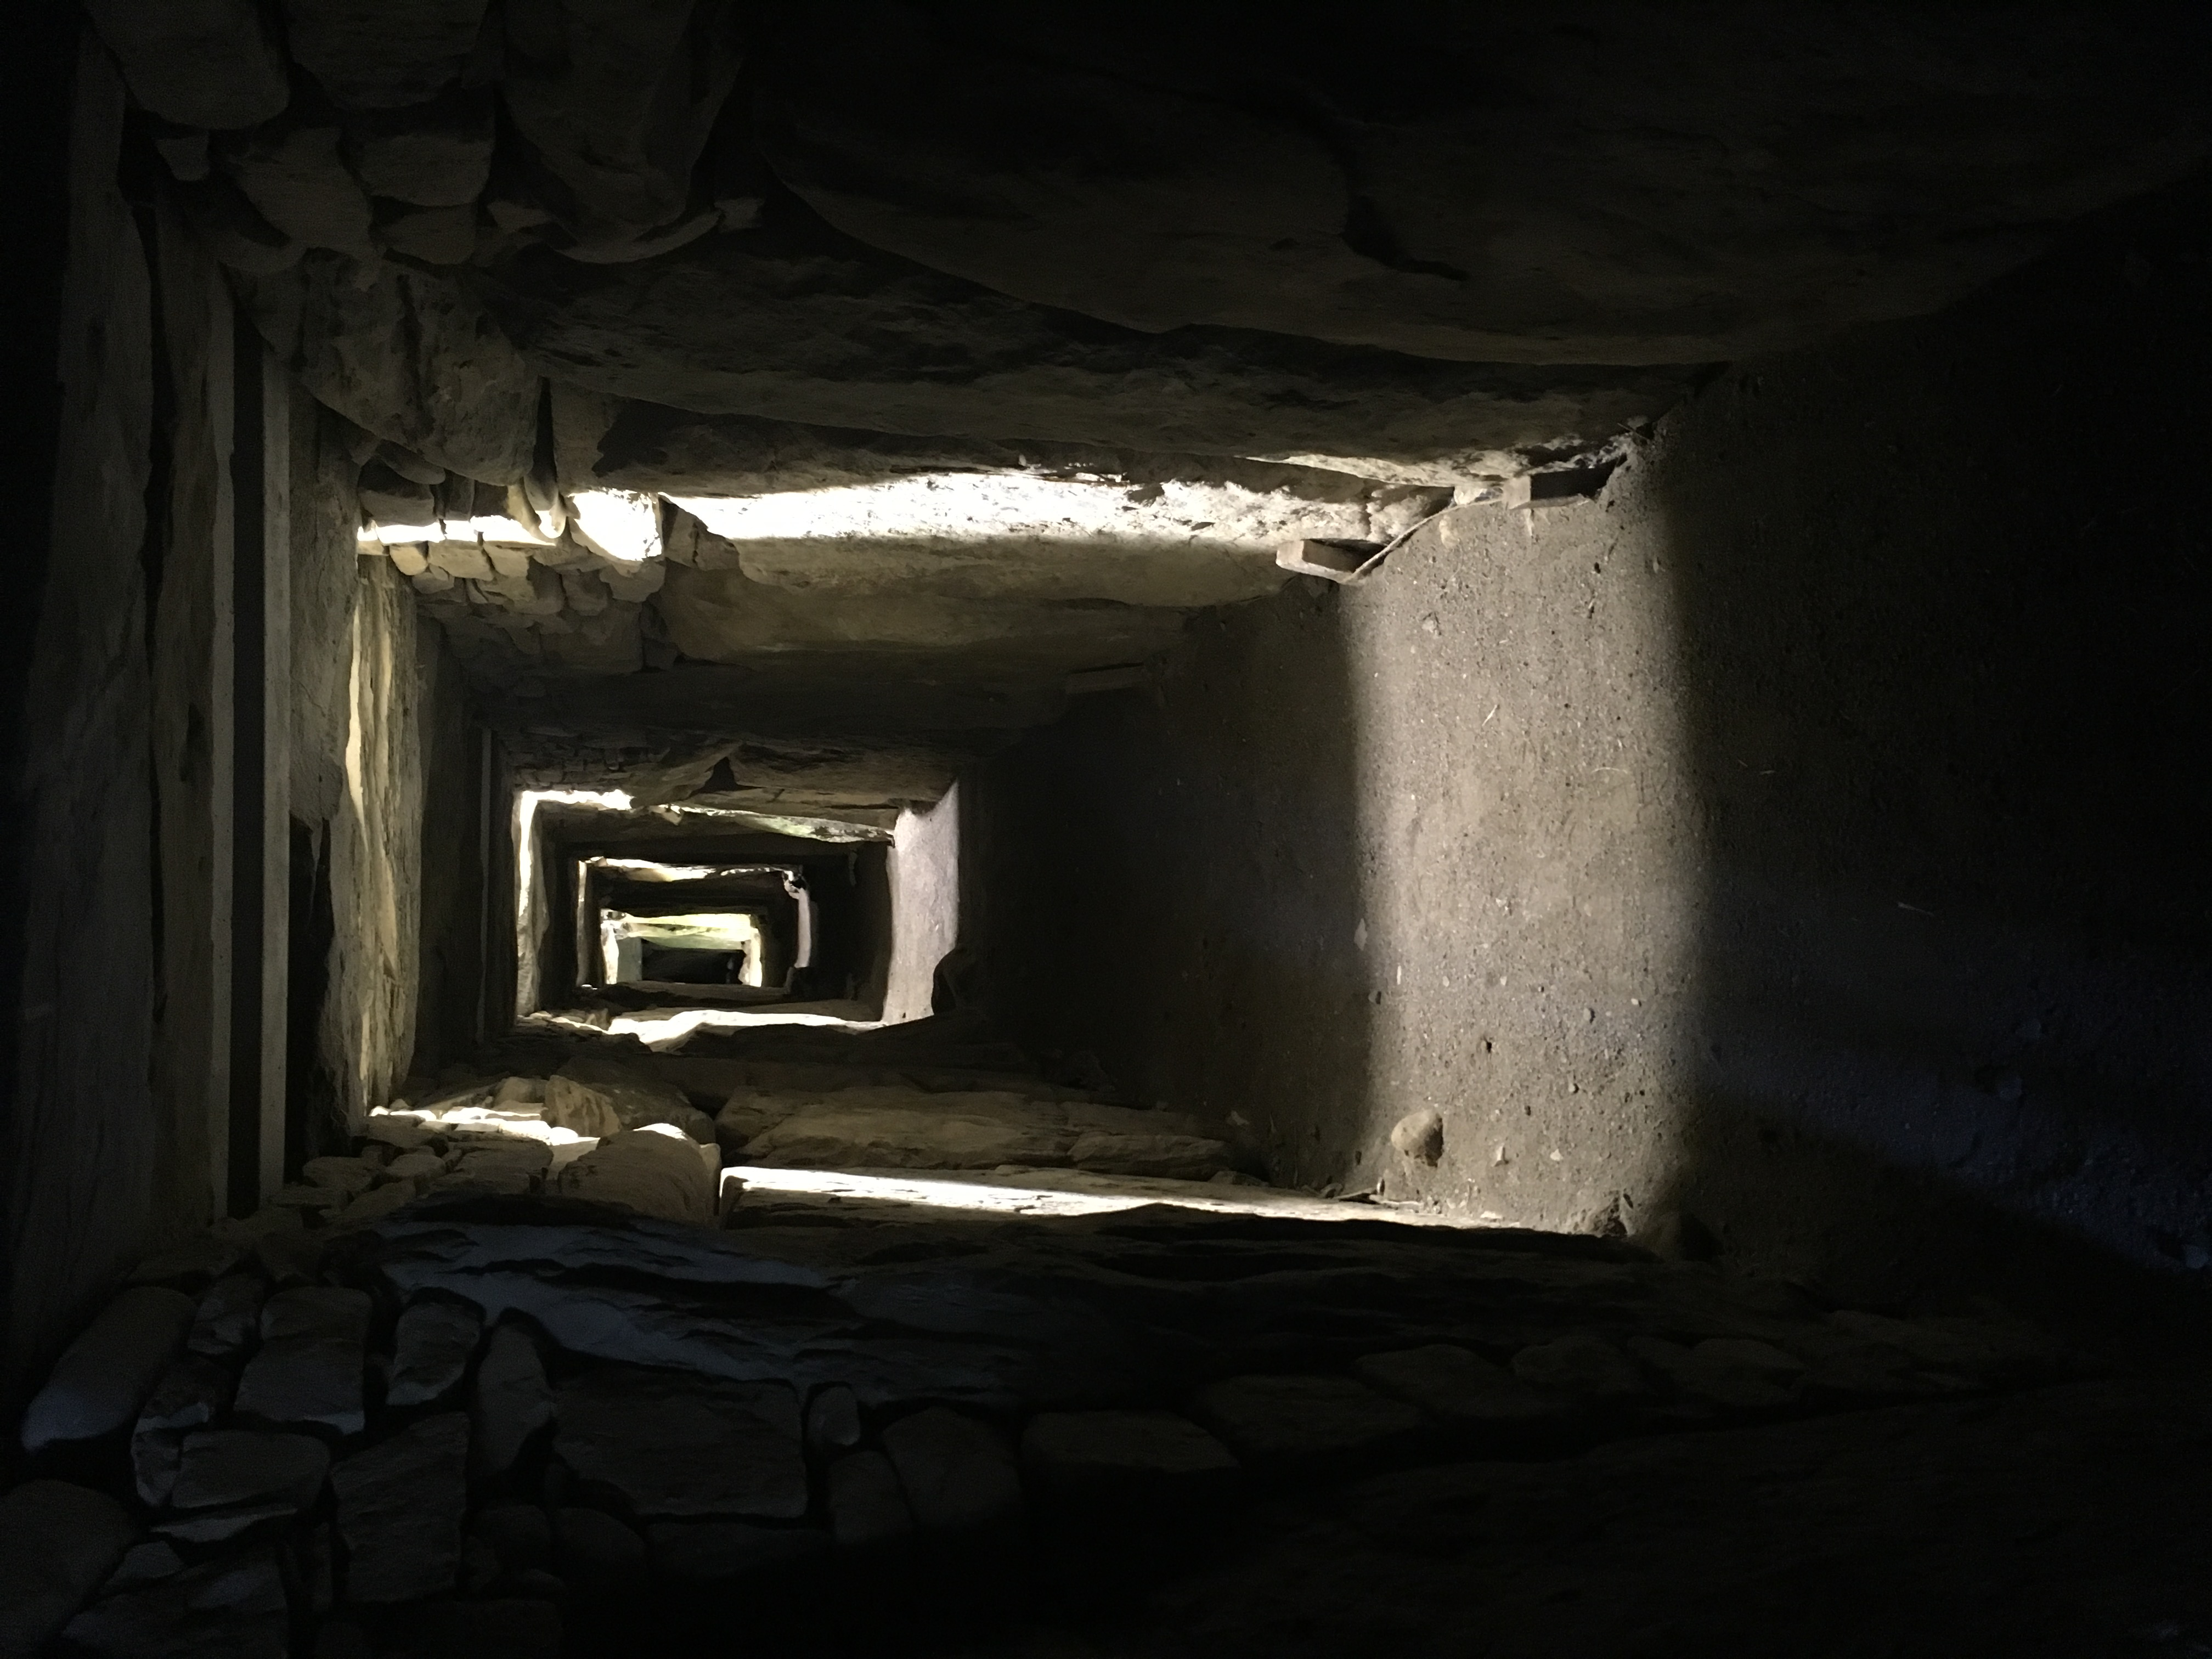 Newgrange Passage